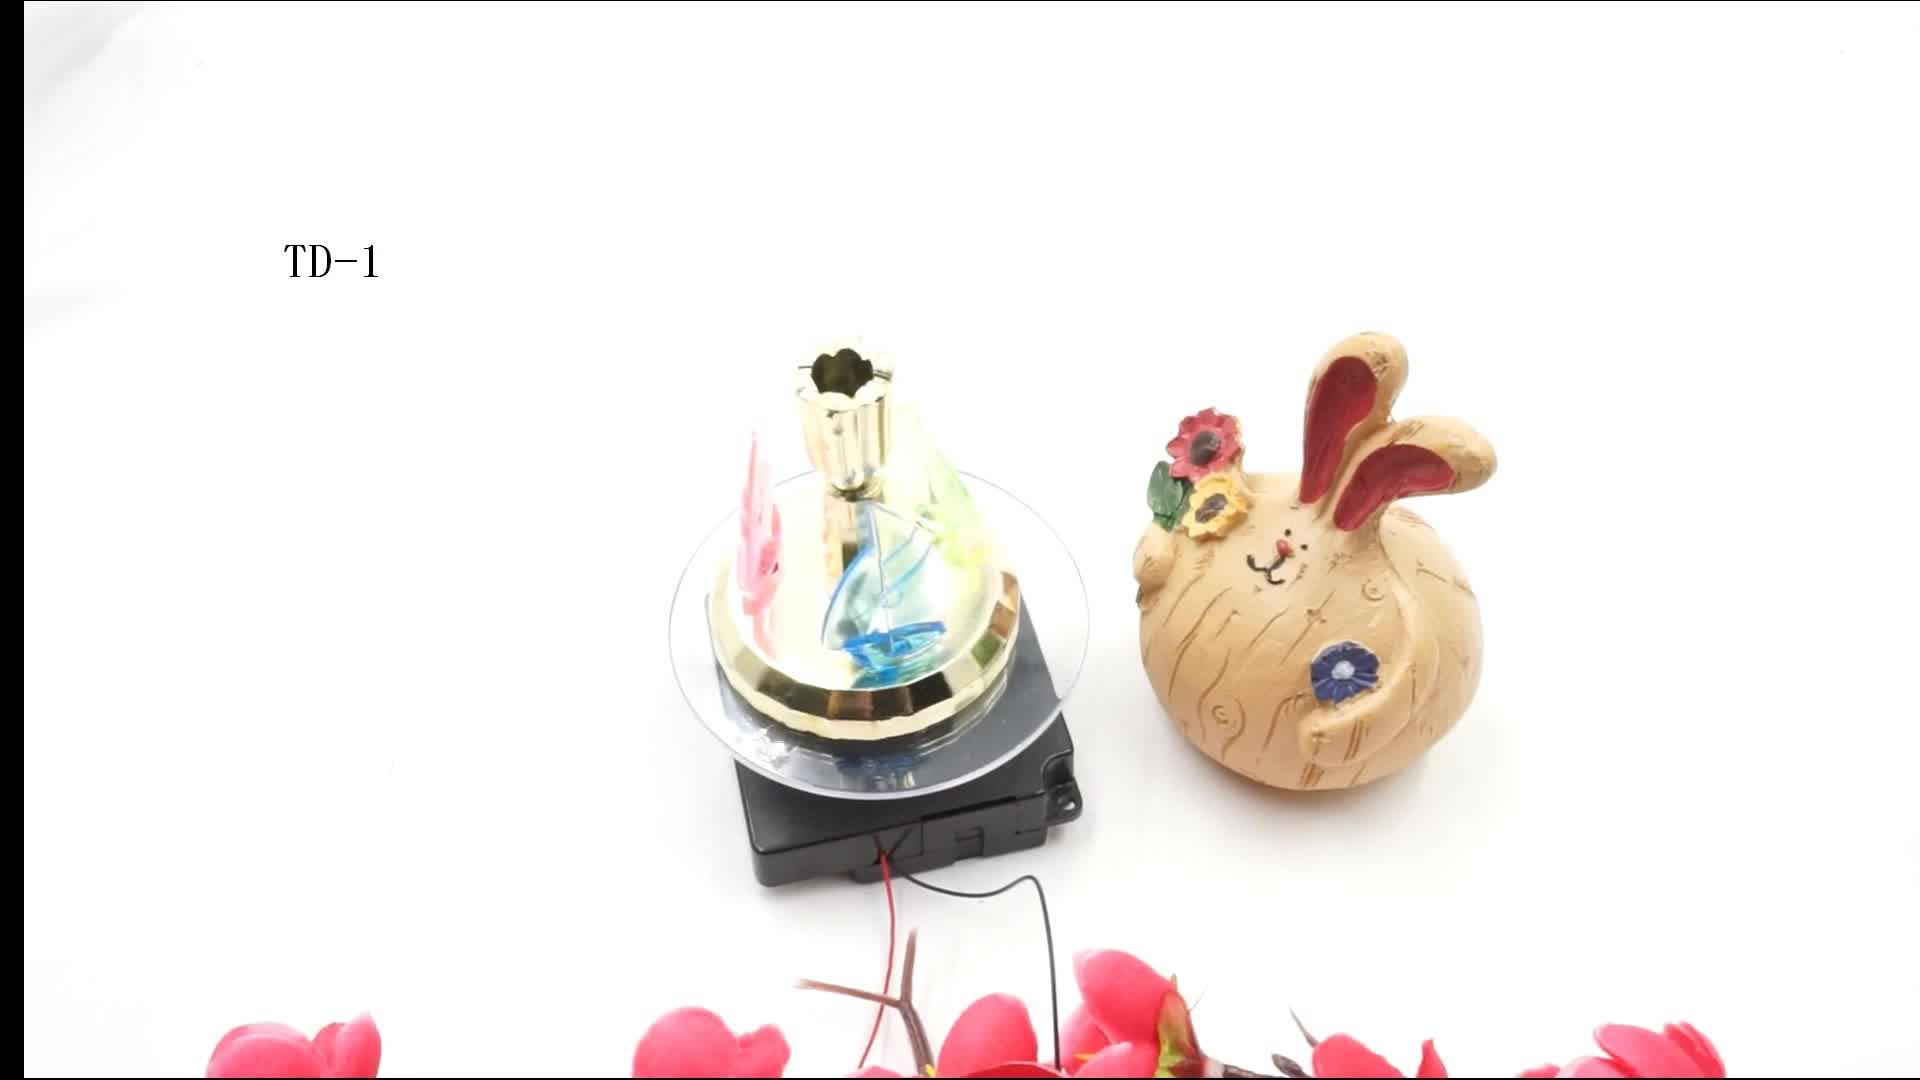 Piccolo rotante decorativo movimento giocattolo di alimentazione rotante